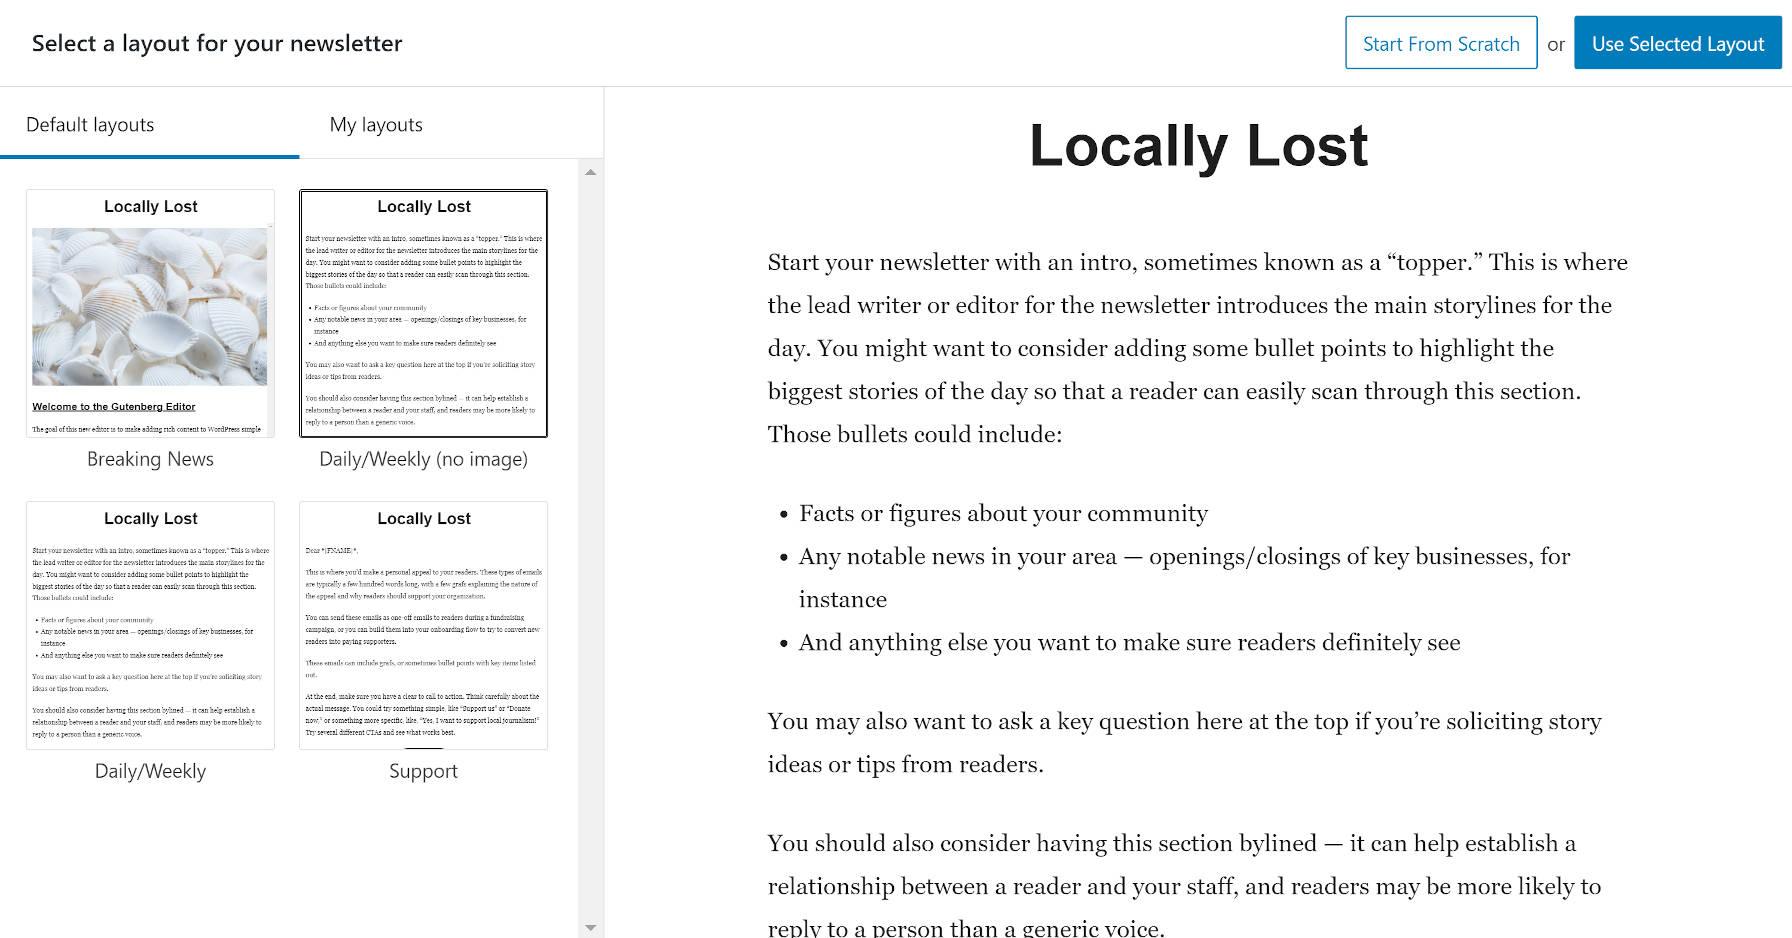 La sélection d'une mise en page à partir des Newspack Newsletters ajoute un nouvel écran.